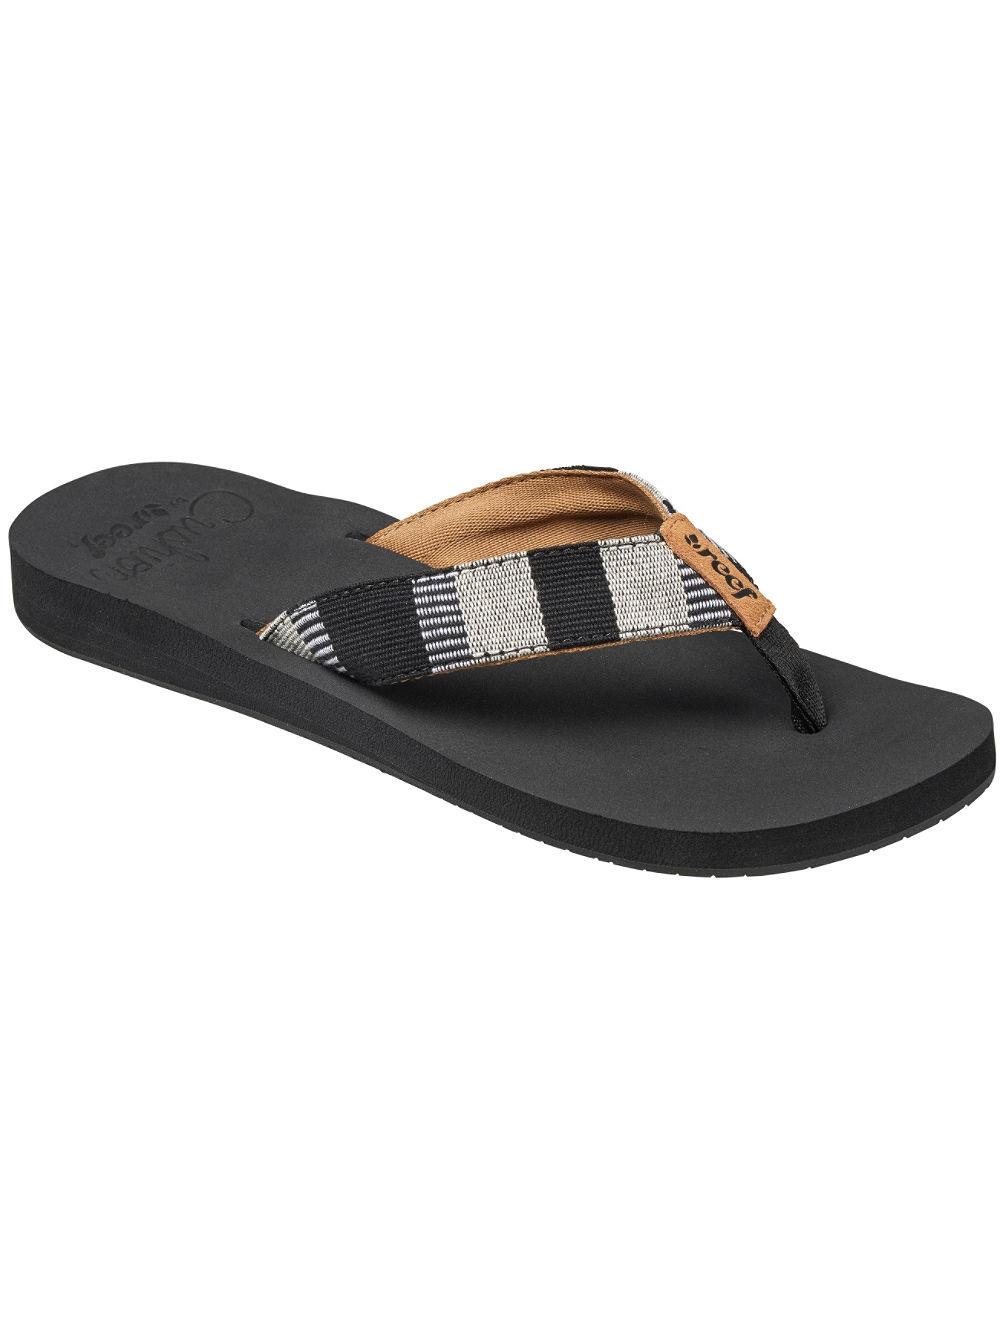 reef-cushion-threads-tx-sandals-women